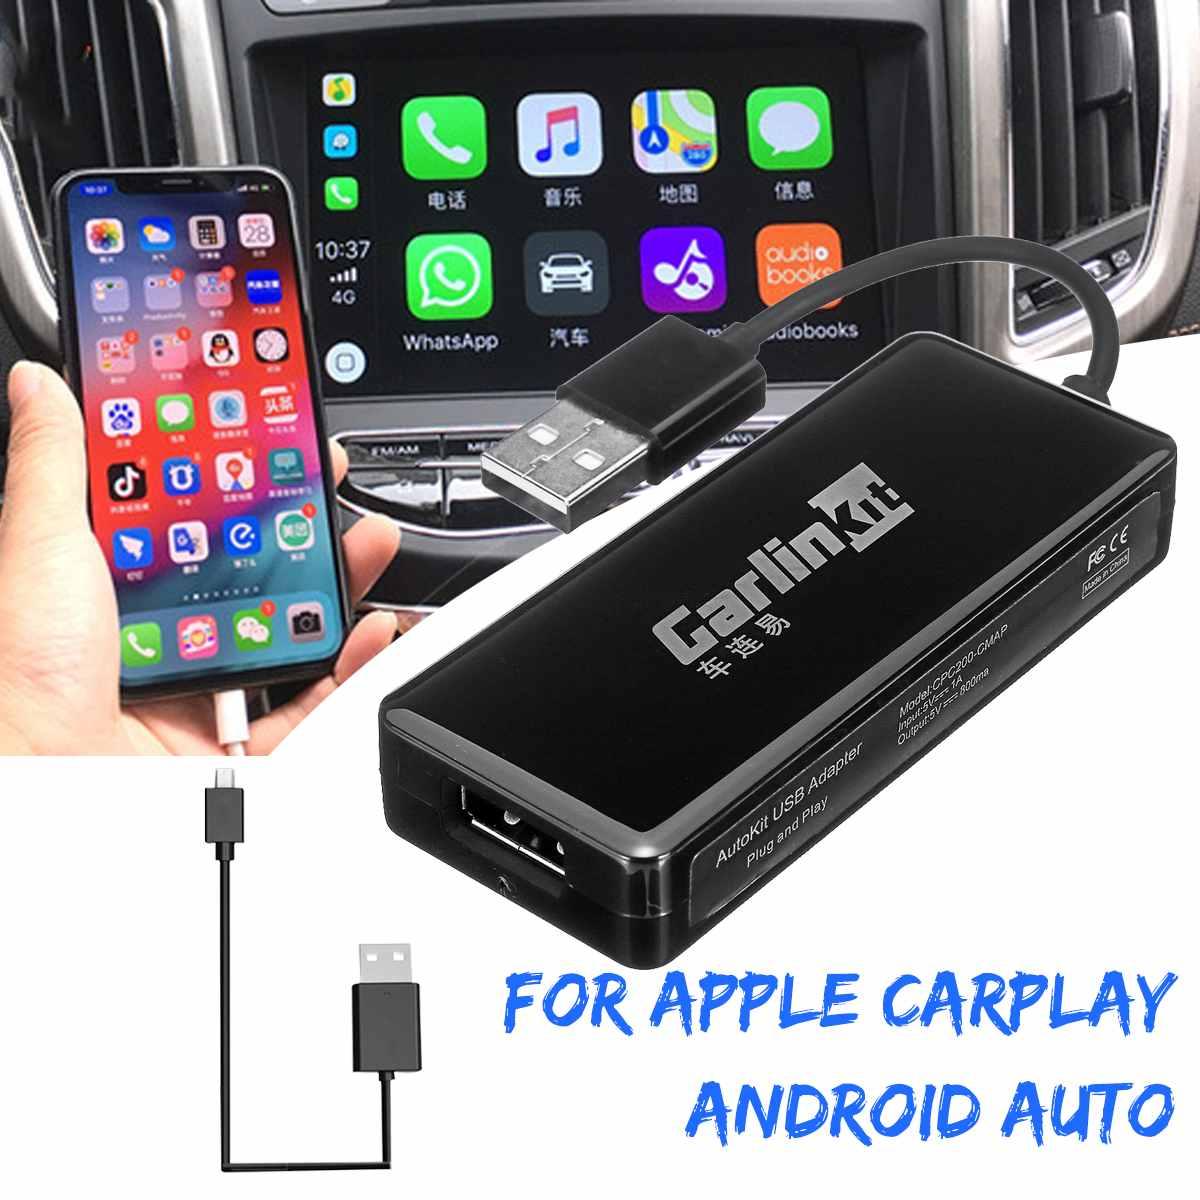 Carlinkit USB Smart voiture lien Dongle pour Android voiture Navigation pour Apple Carplay Module Auto Smart Phone USB Carplay adaptateur